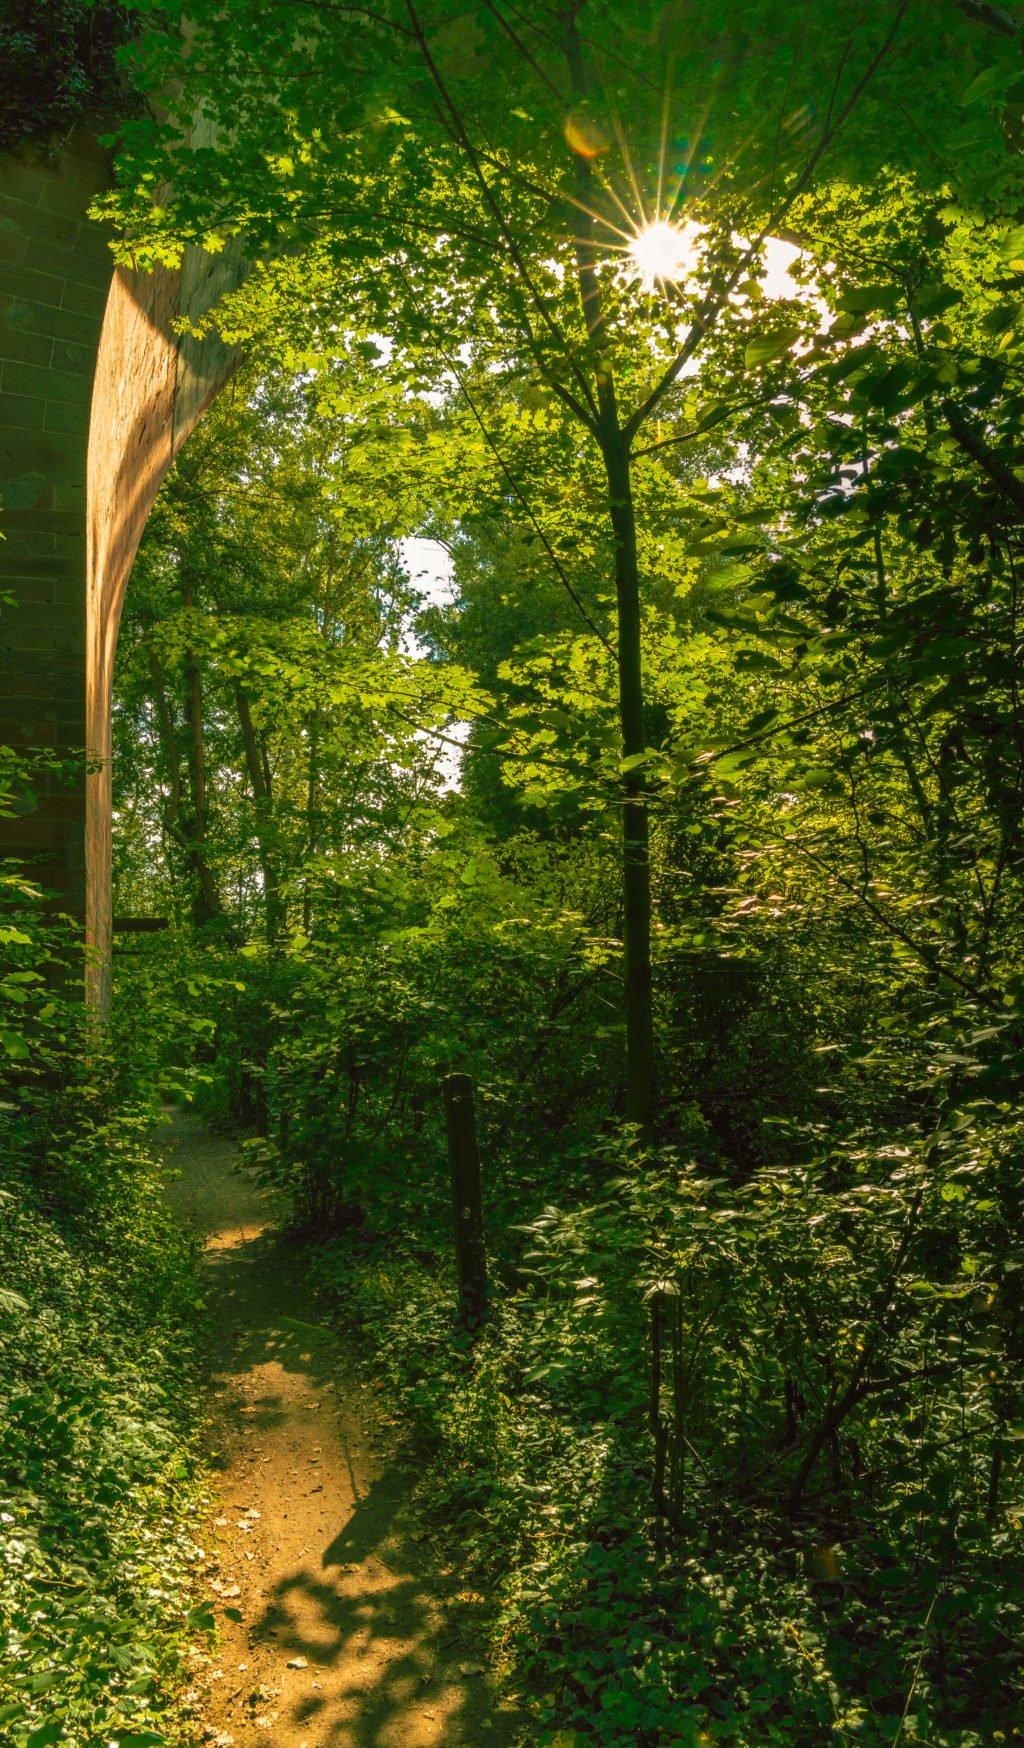 eisenbahnviadukt-vogellehrpfad-monsheim